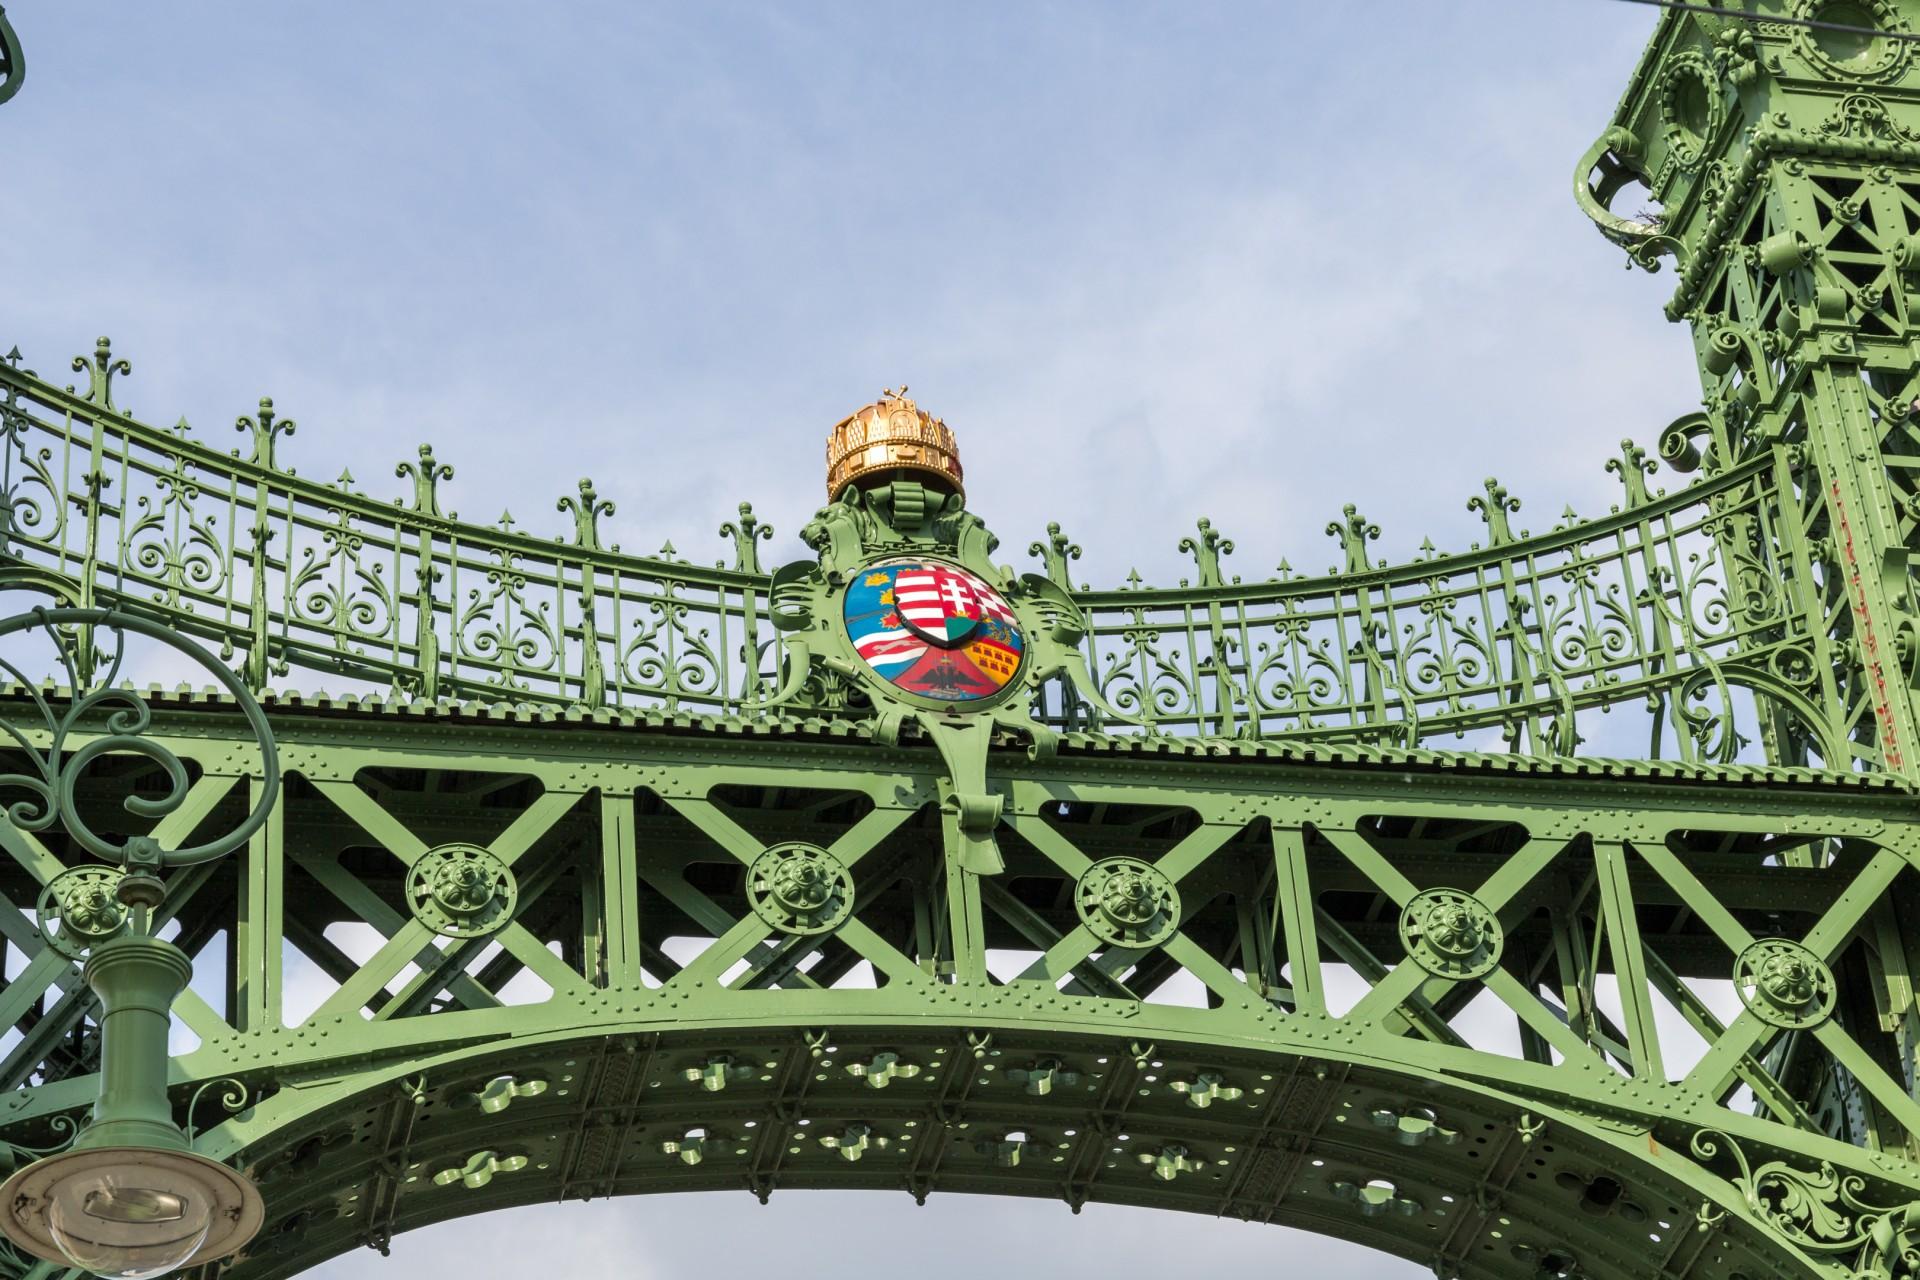 Wappen und Stephanskrone an der Freiheitsbrücke (Szabadság híd)